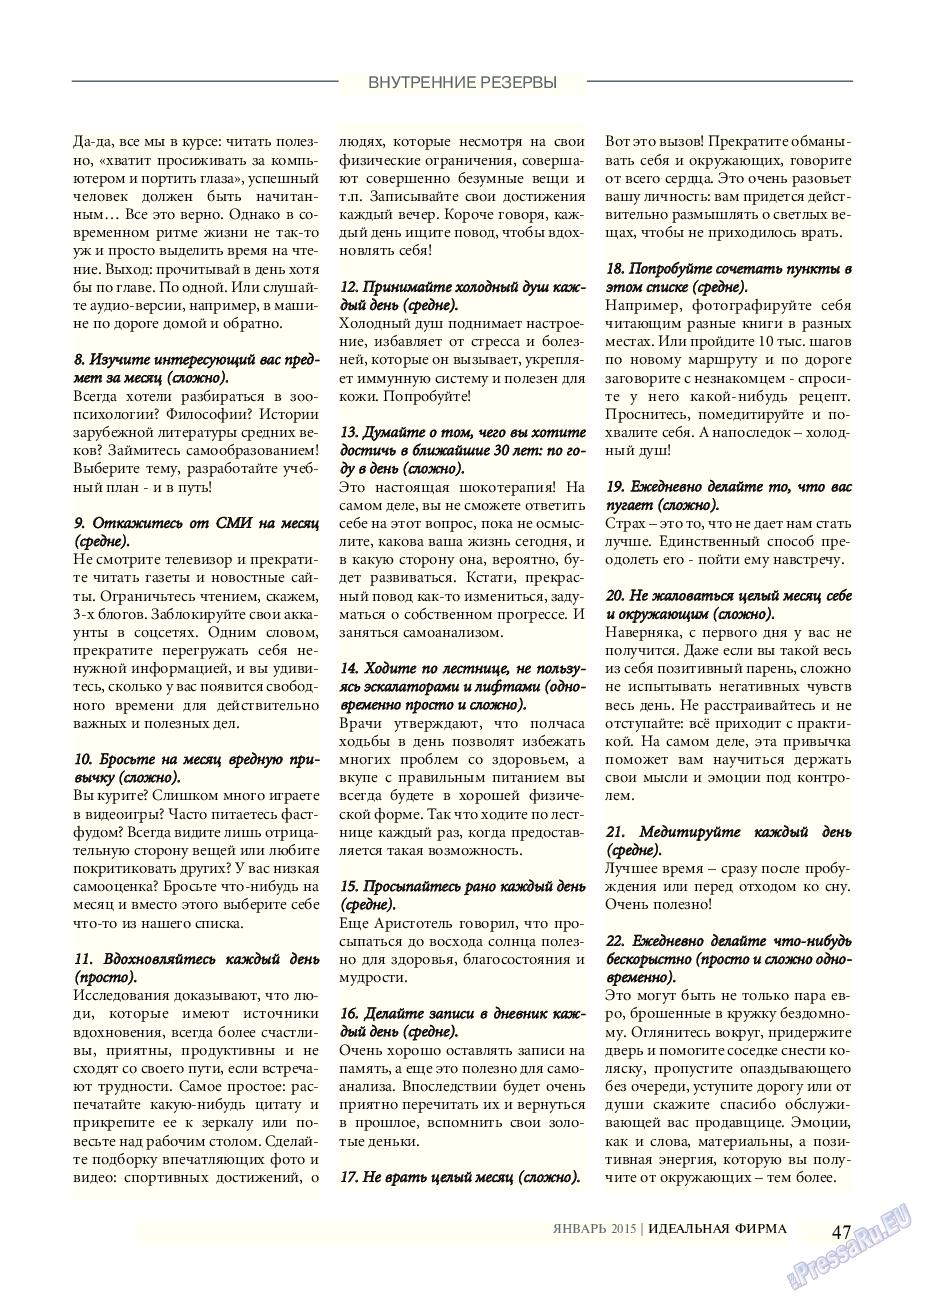 Идеальная фирма (журнал). 2015 год, номер 1, стр. 47